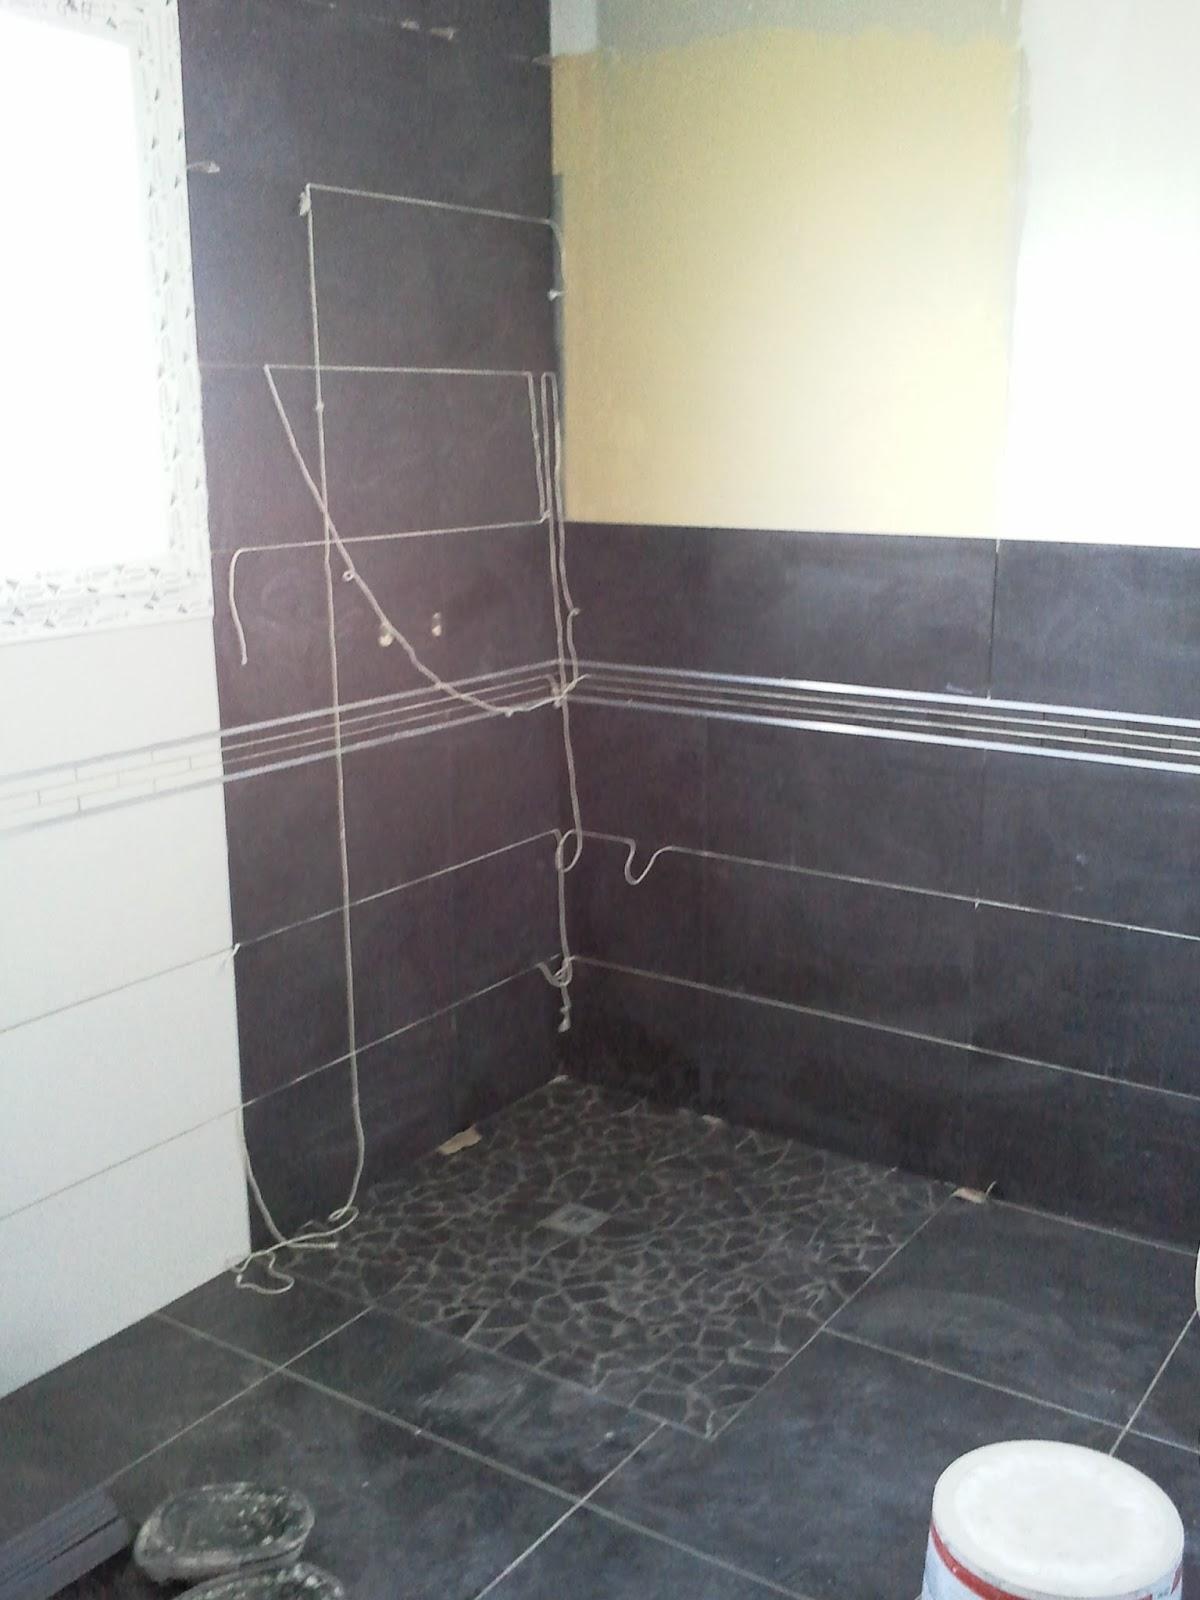 Bricolage de l 39 id e la r alisation salle de bain gris et blanc anthracite noire - Modele salle de bain gris et blanc ...